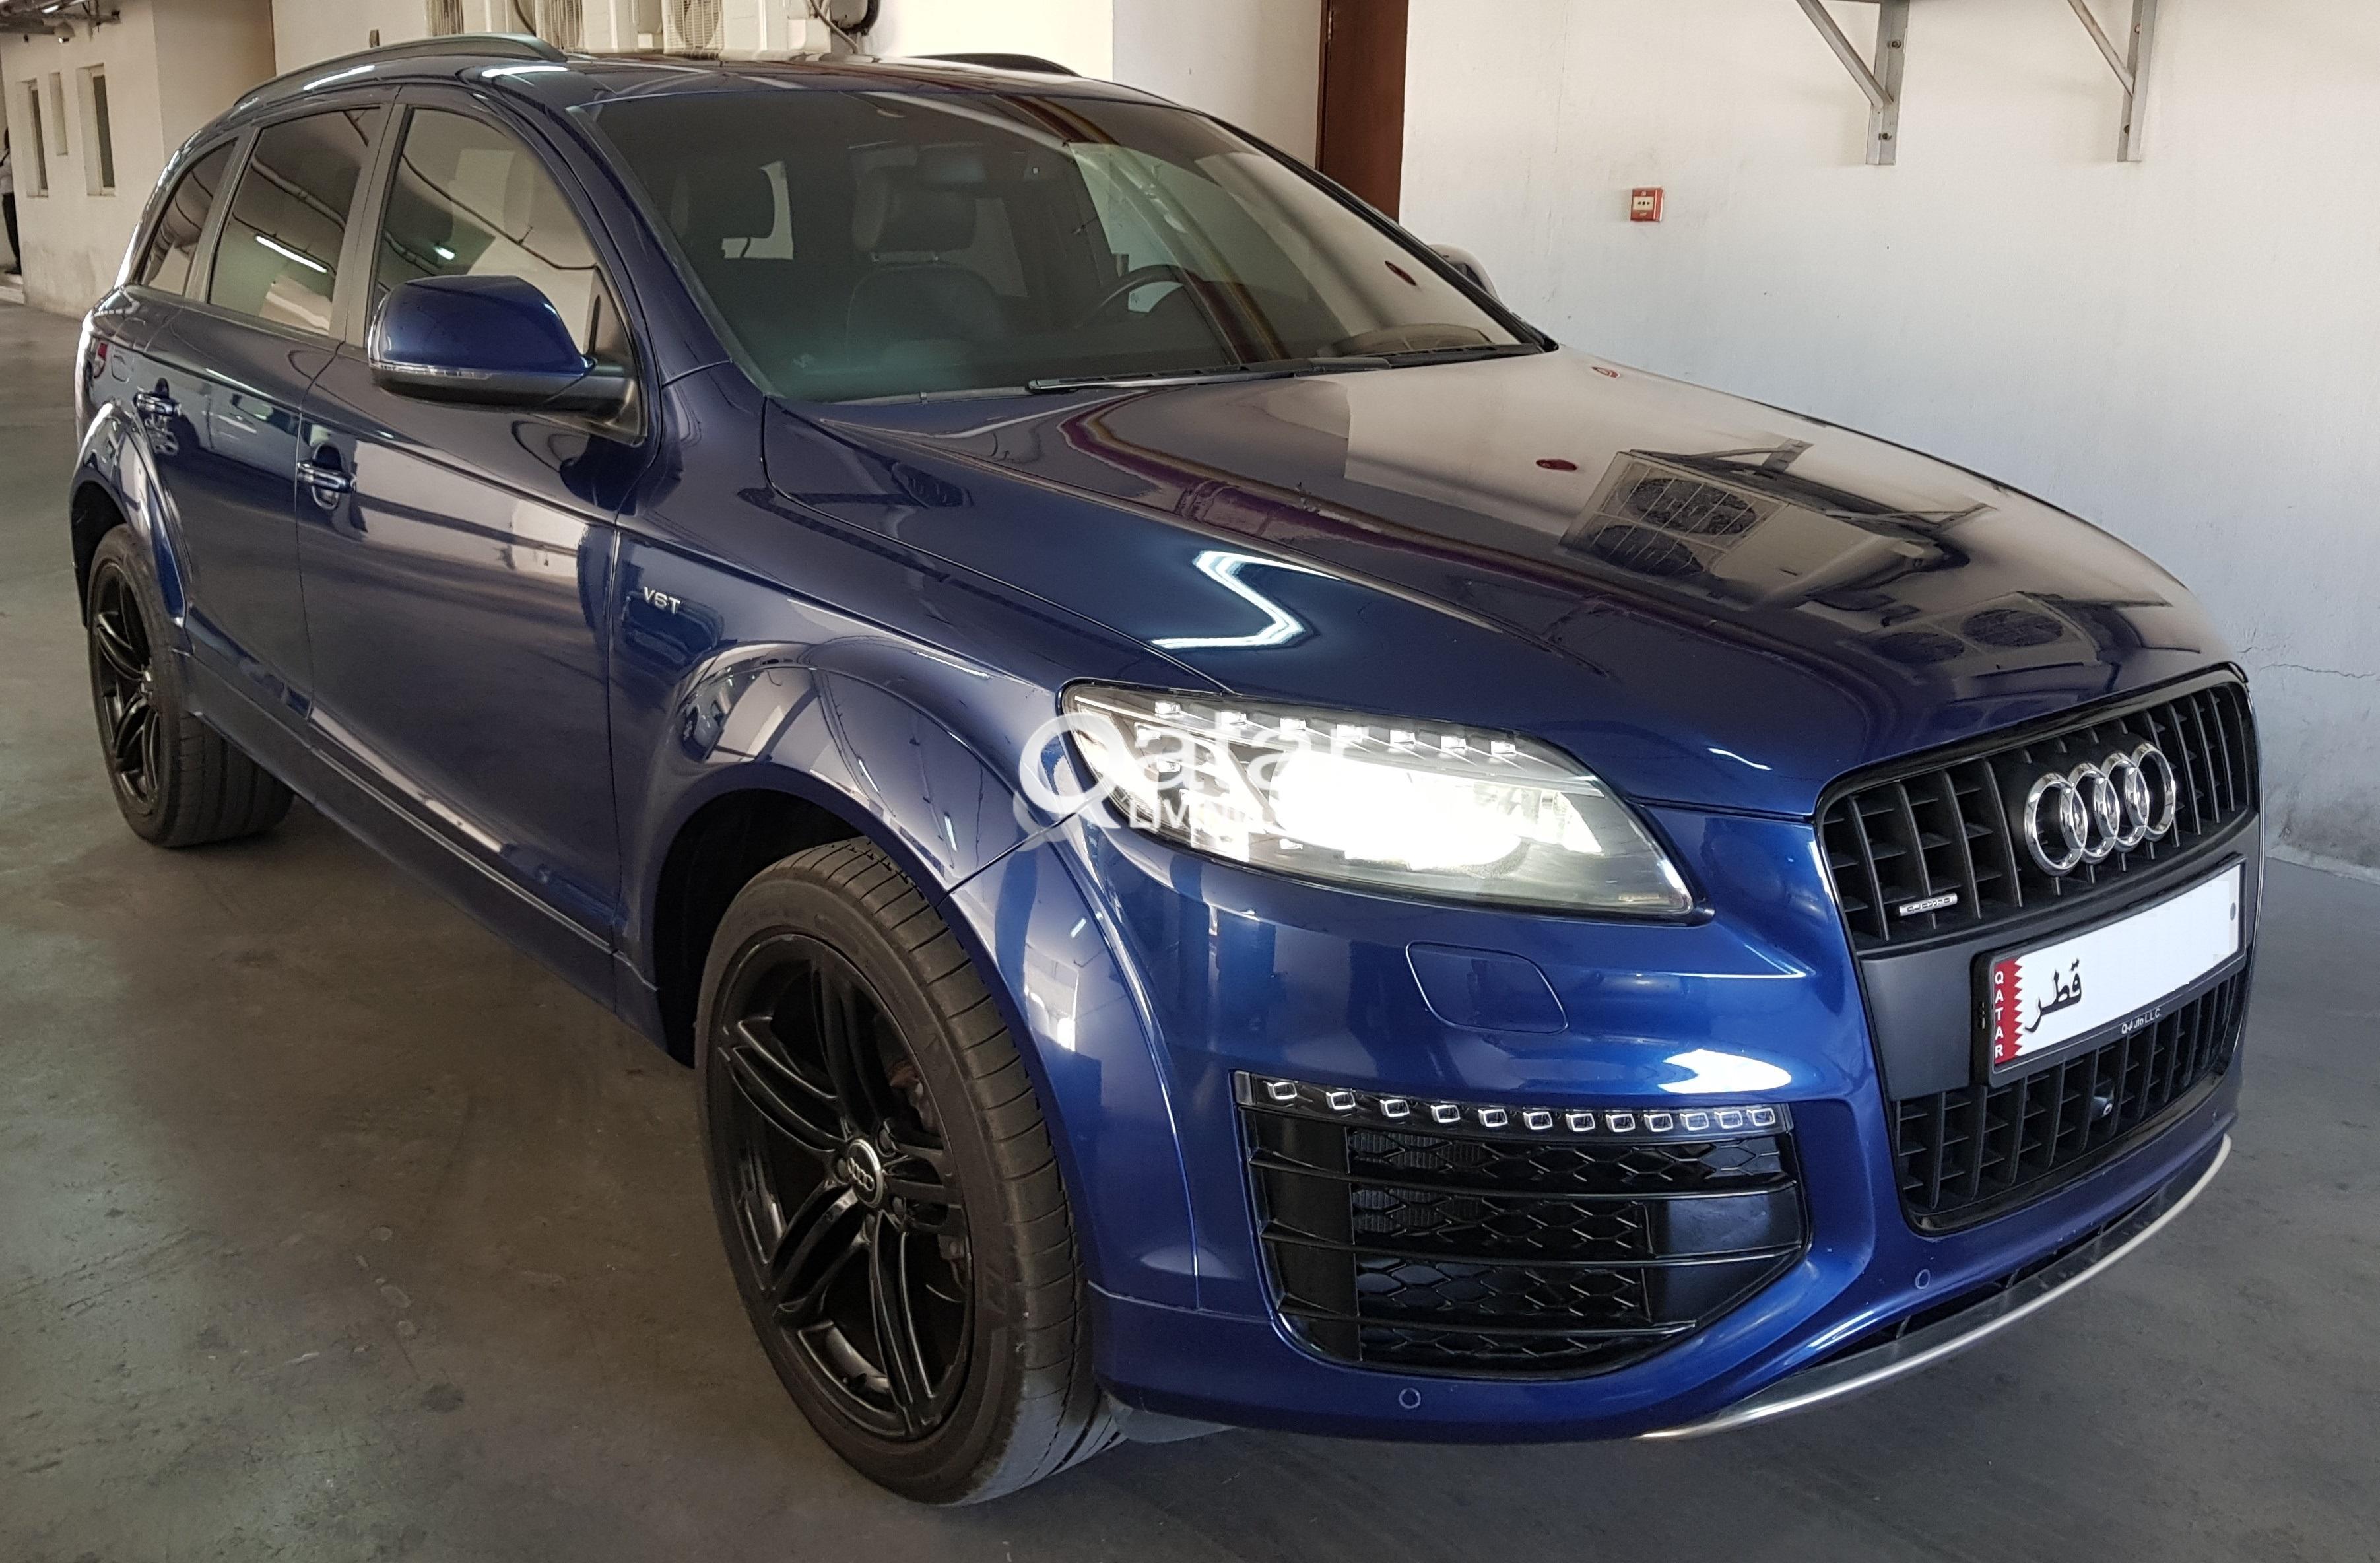 prestige china auto line supercharger suv s audi awd quattro cars